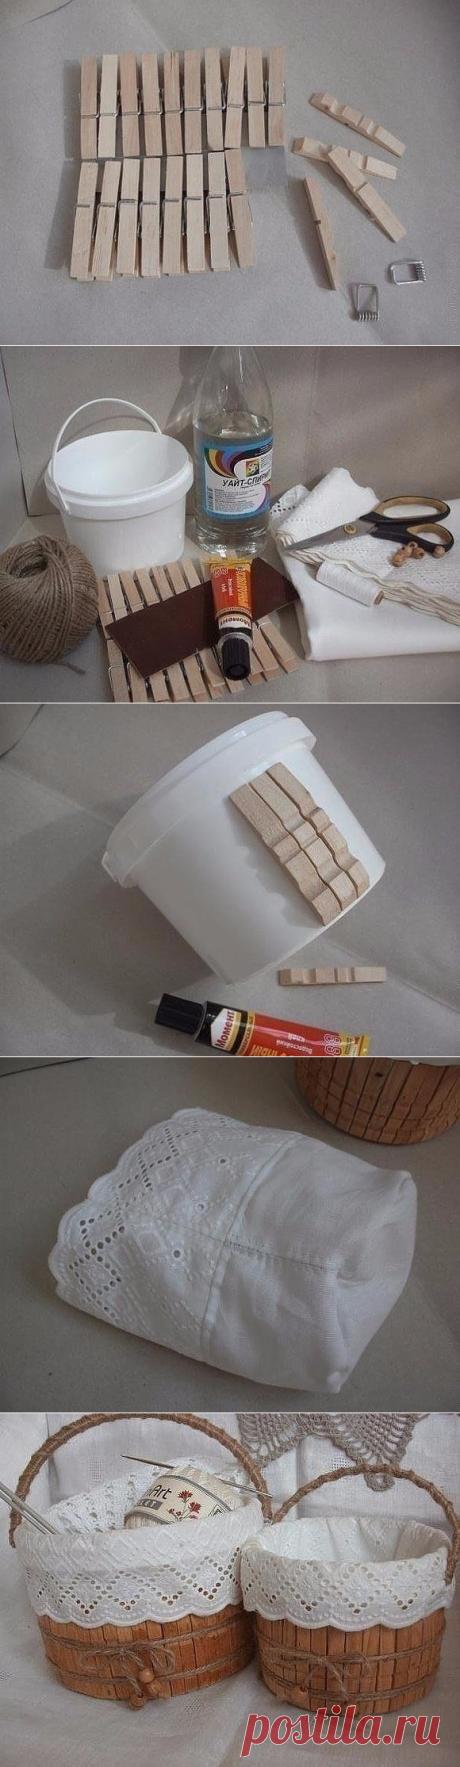 Вот какую полезную корзинку можно сделать из ведерка от майонеза.